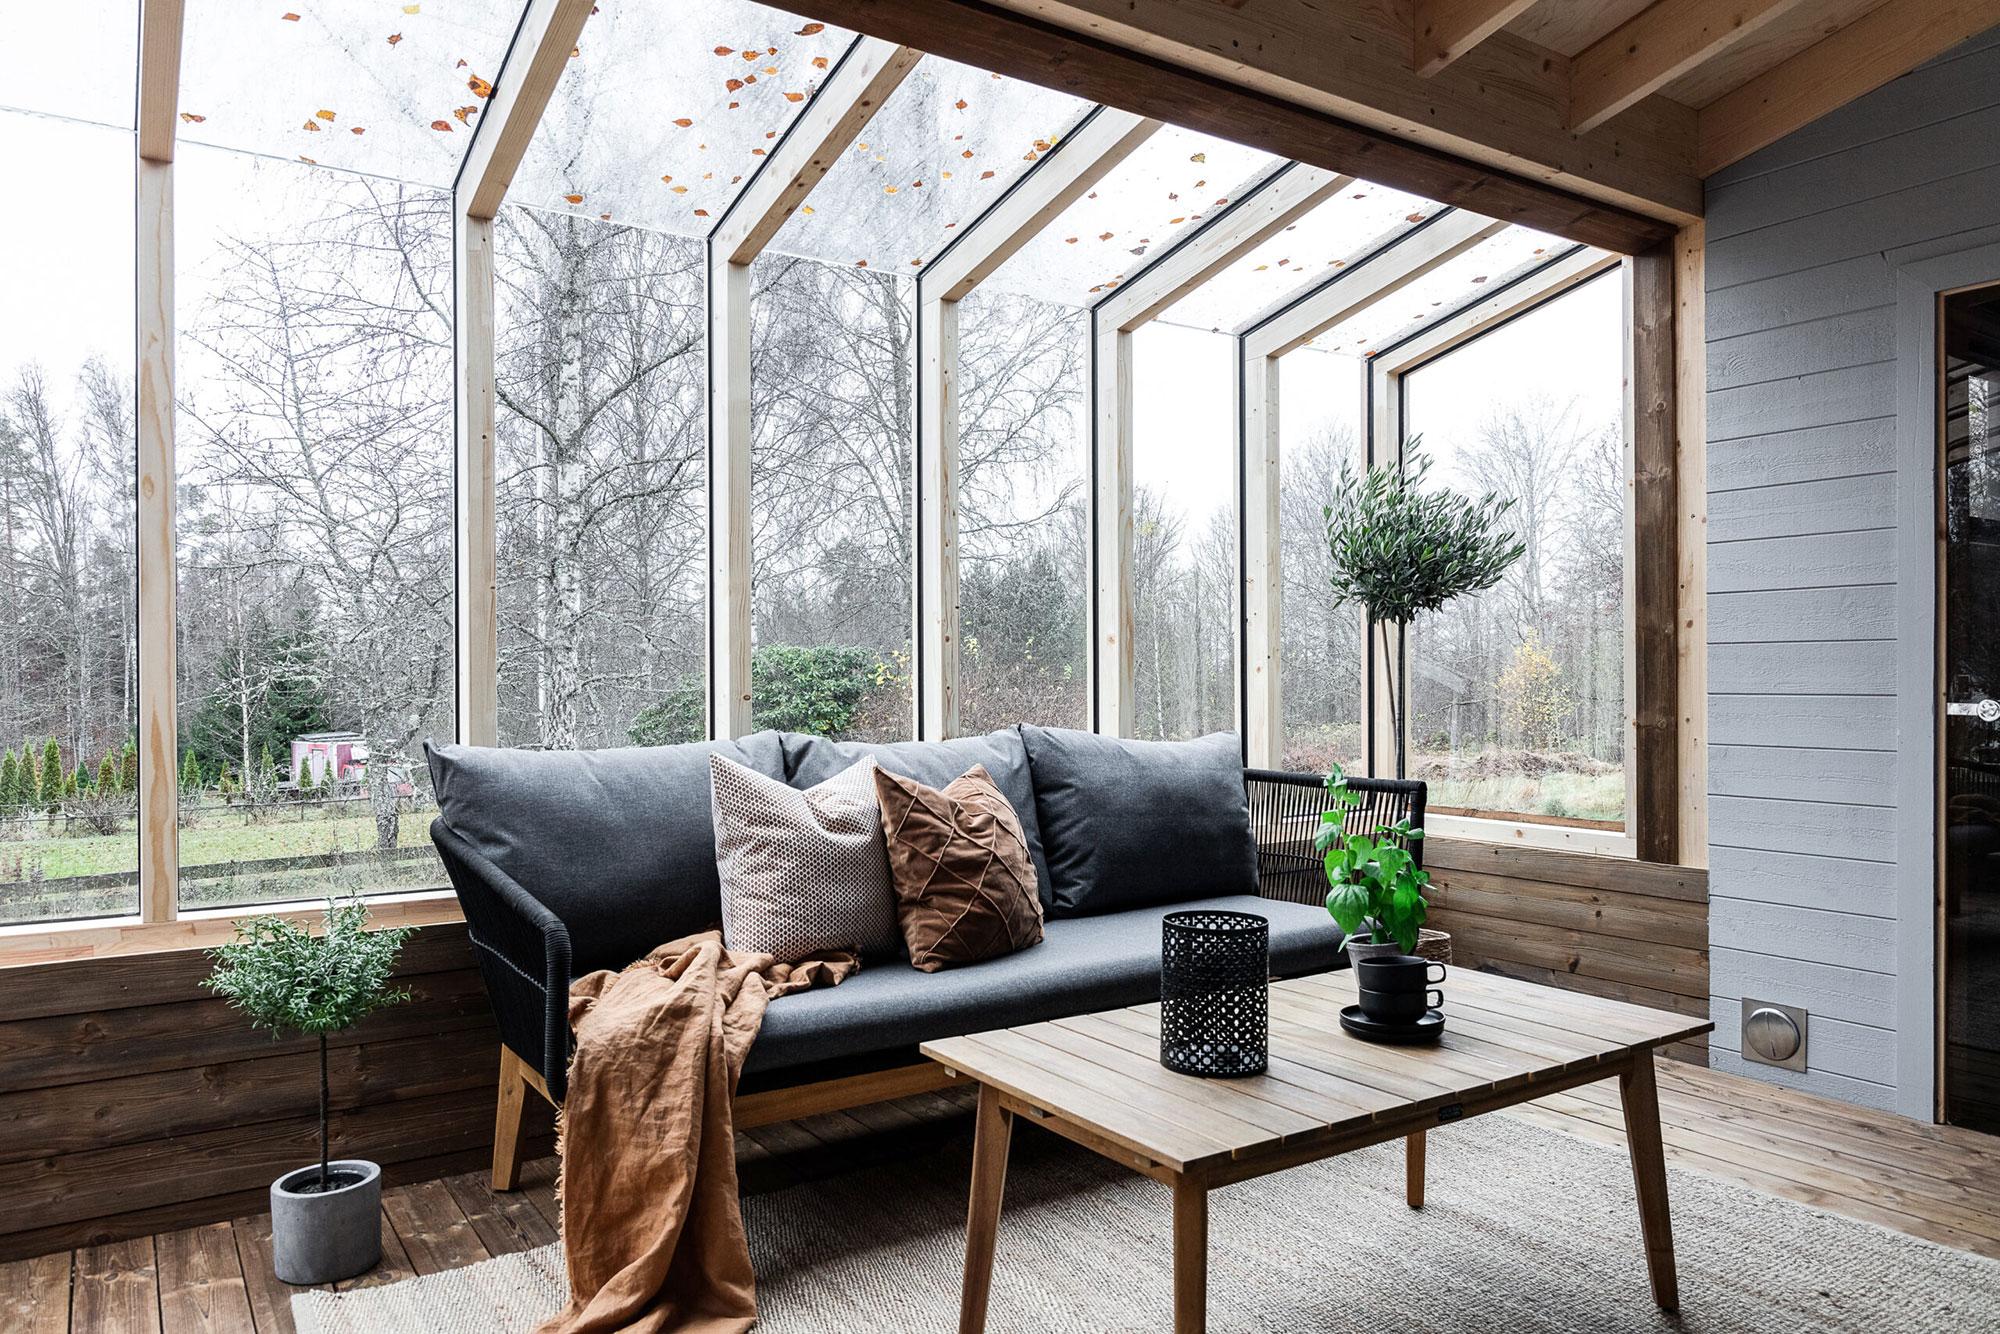 Gemütliche Wärme dank Passivhaus Heizung und Wärmepumpe zur Warmwasserbereitung